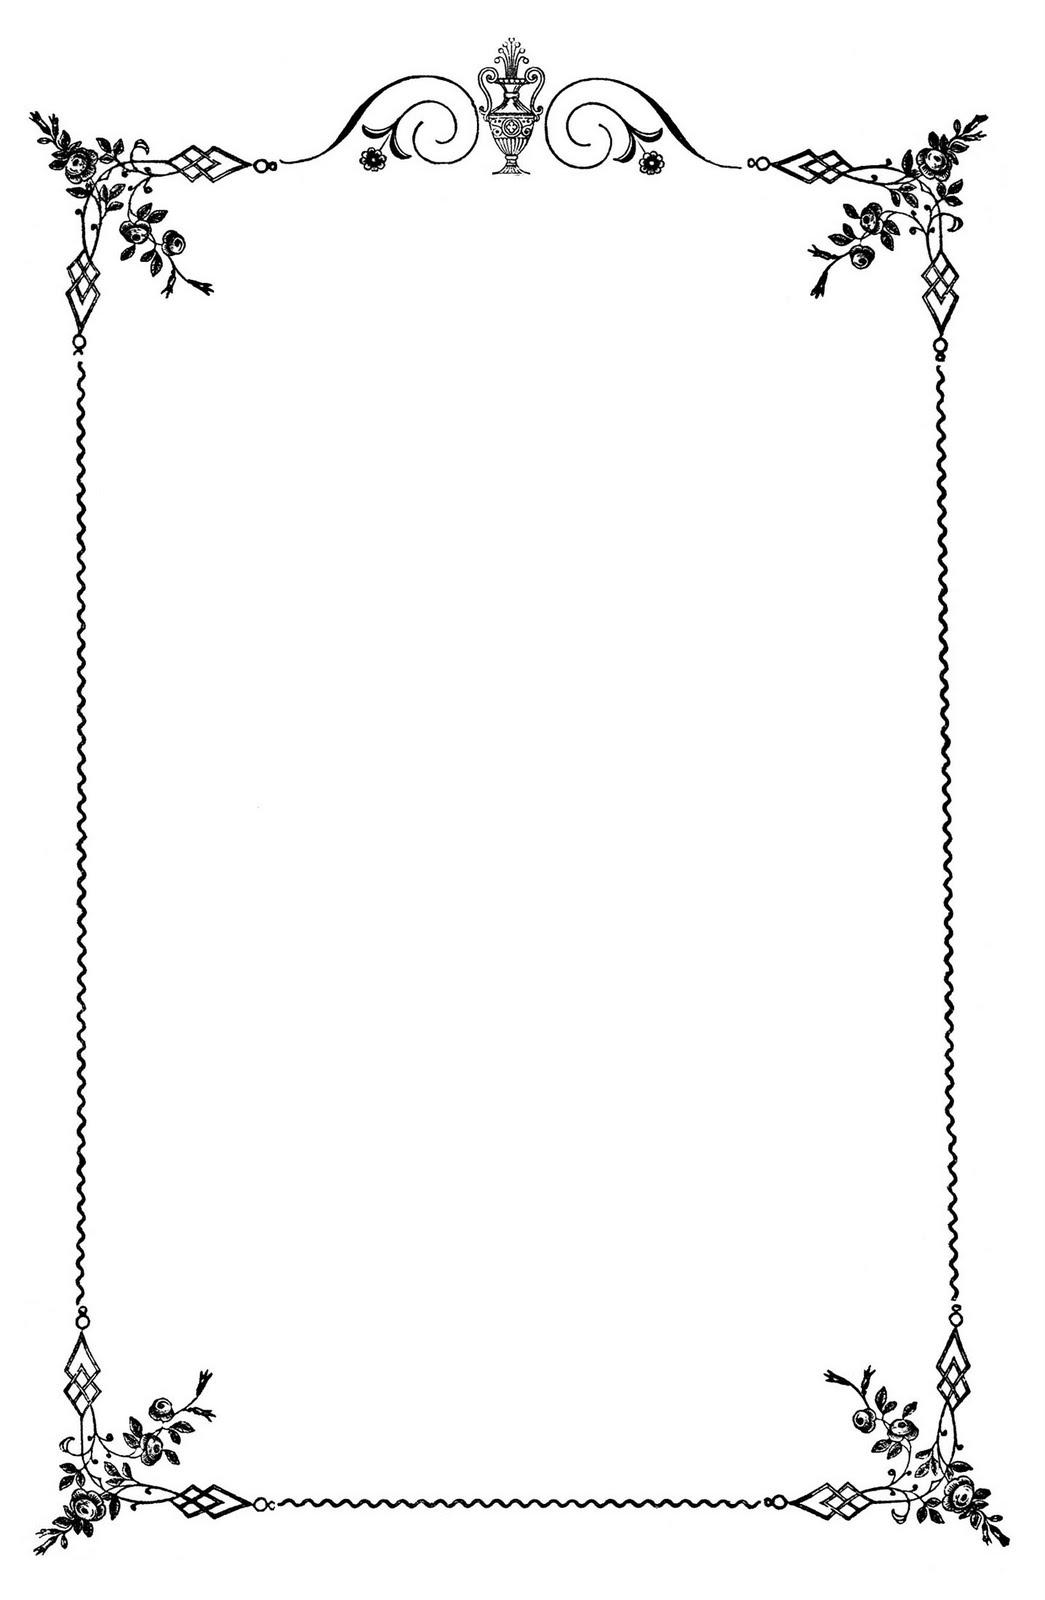 Free Menus Cliparts, Download Free Clip Art, Free Clip Art.